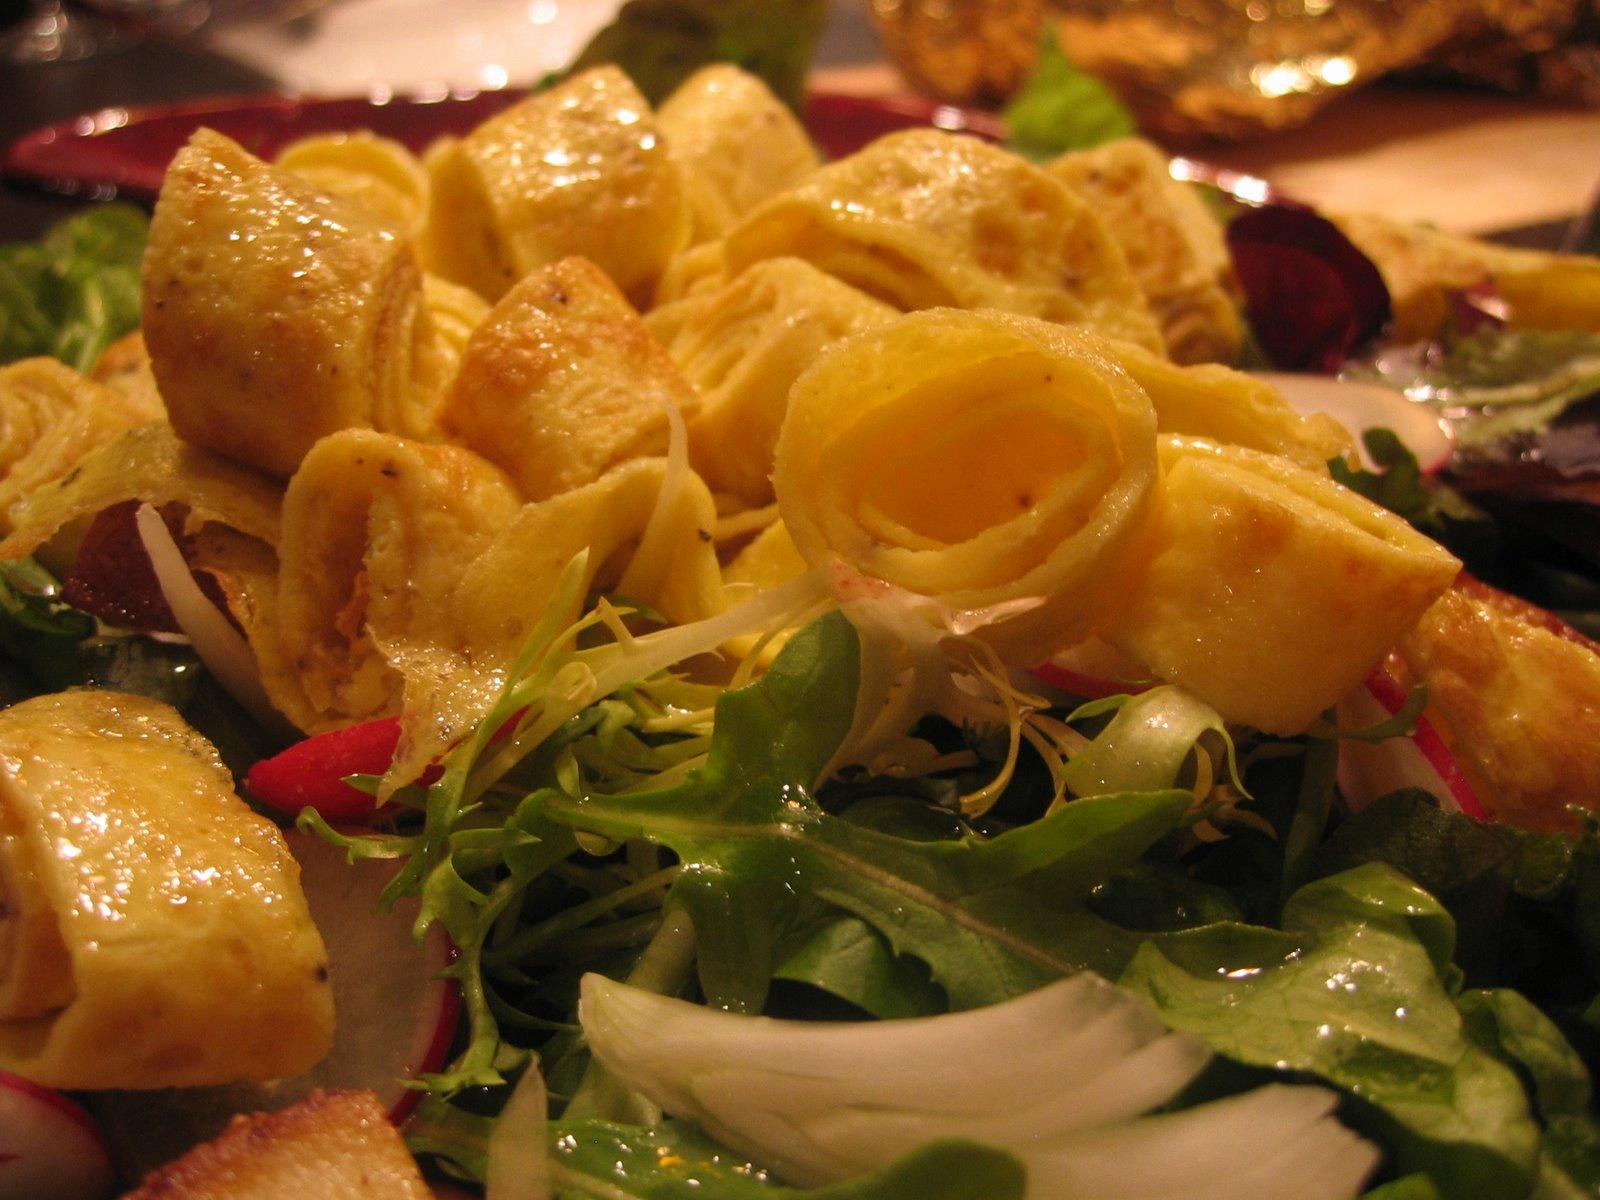 Lovely Egg Ribbon Salad, inspired by Jamie Oliver